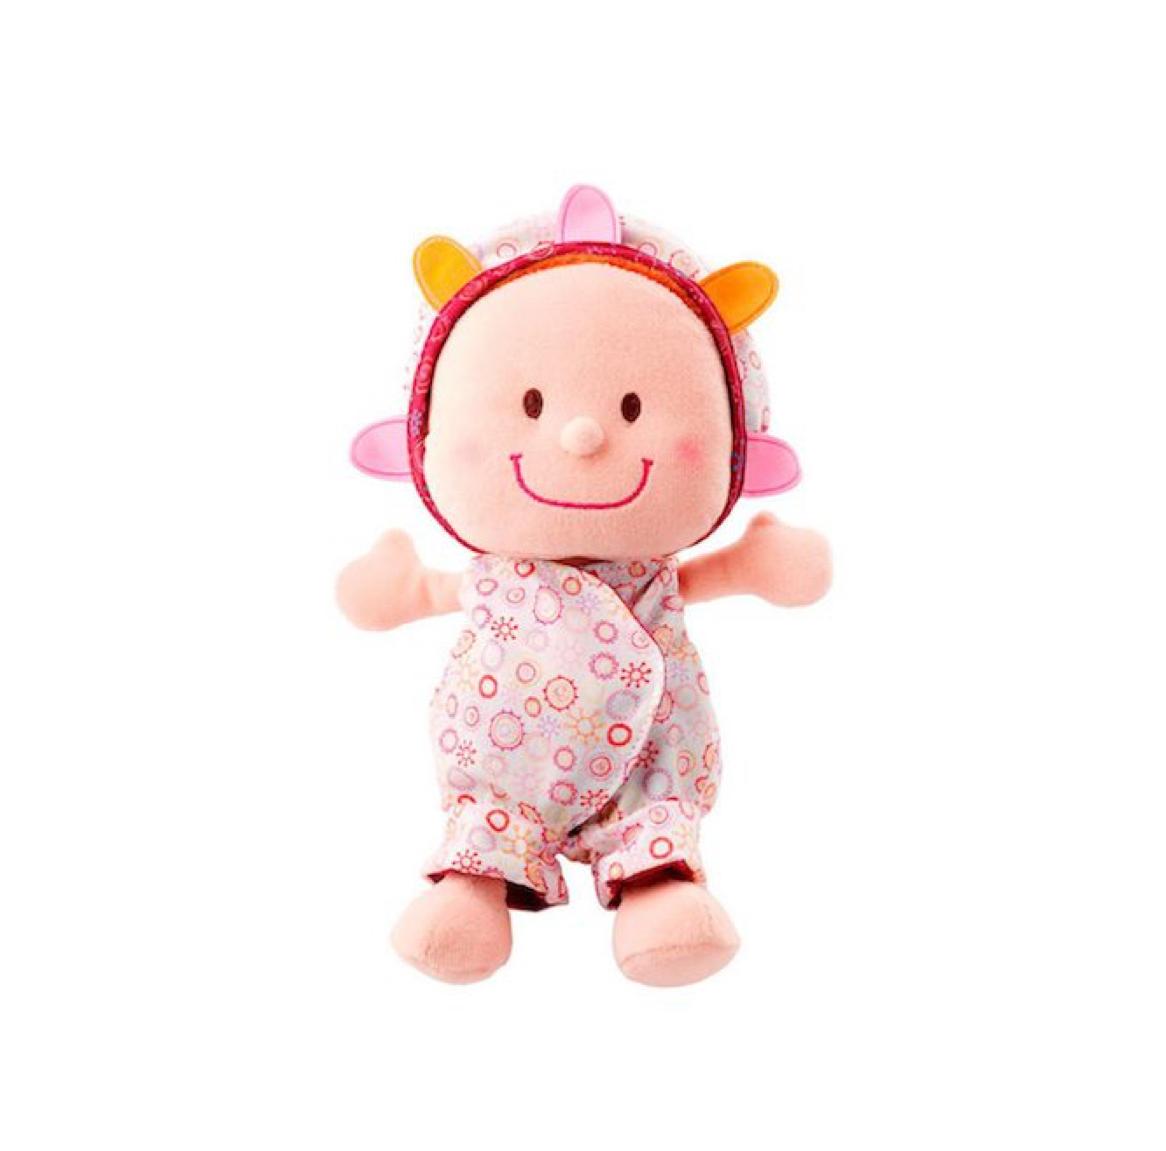 baby-eline-de-lilliputiens-en-el-mundo-de-mico-2